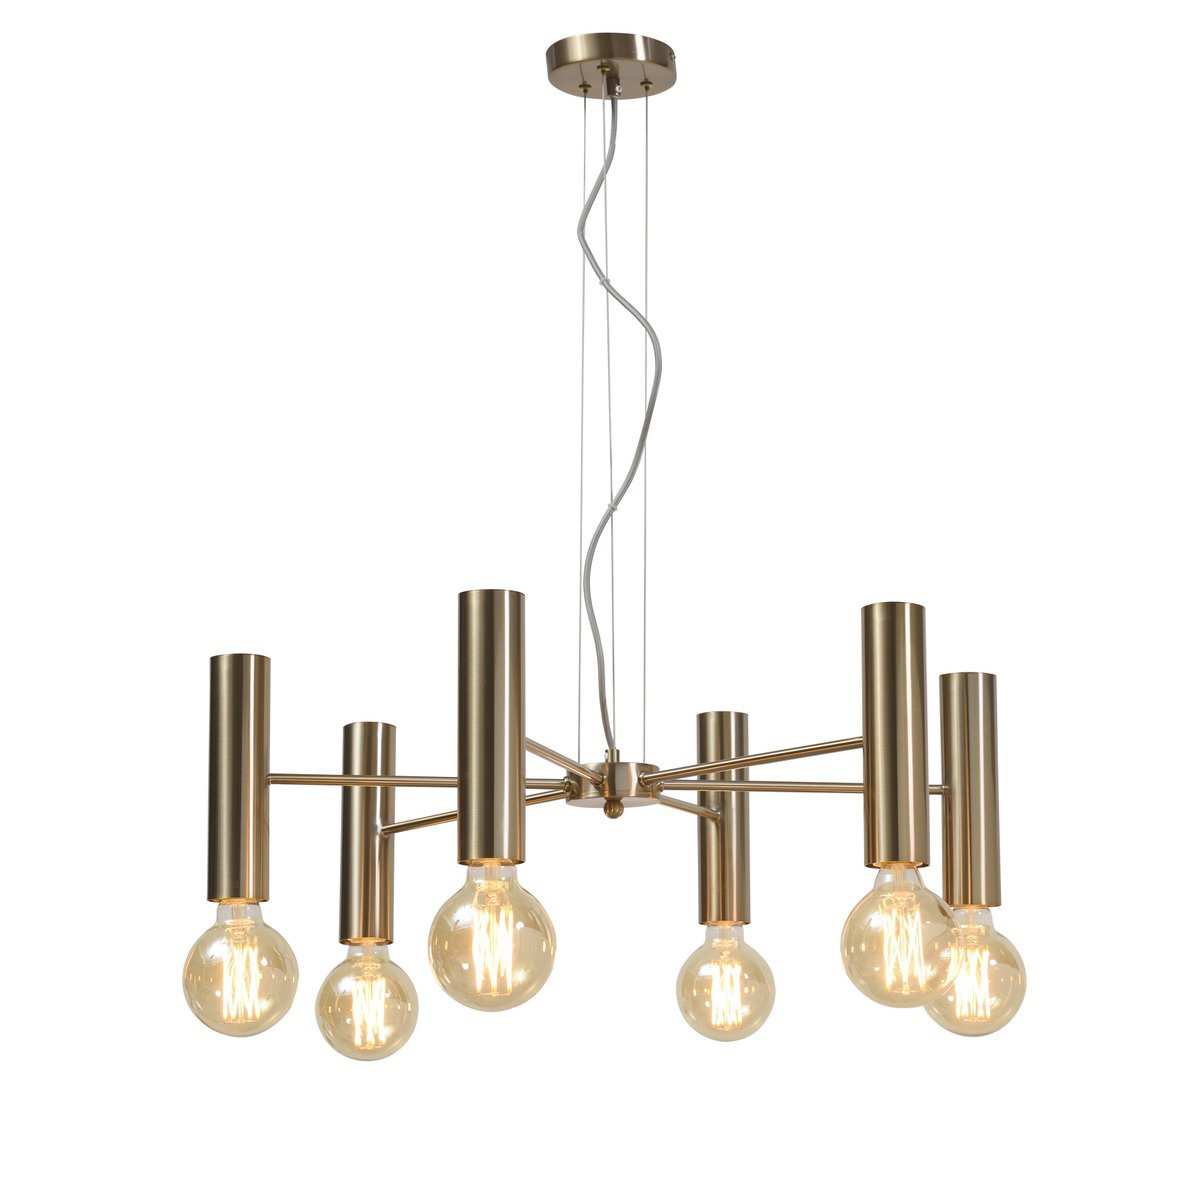 Sleek gold retro design chandelier